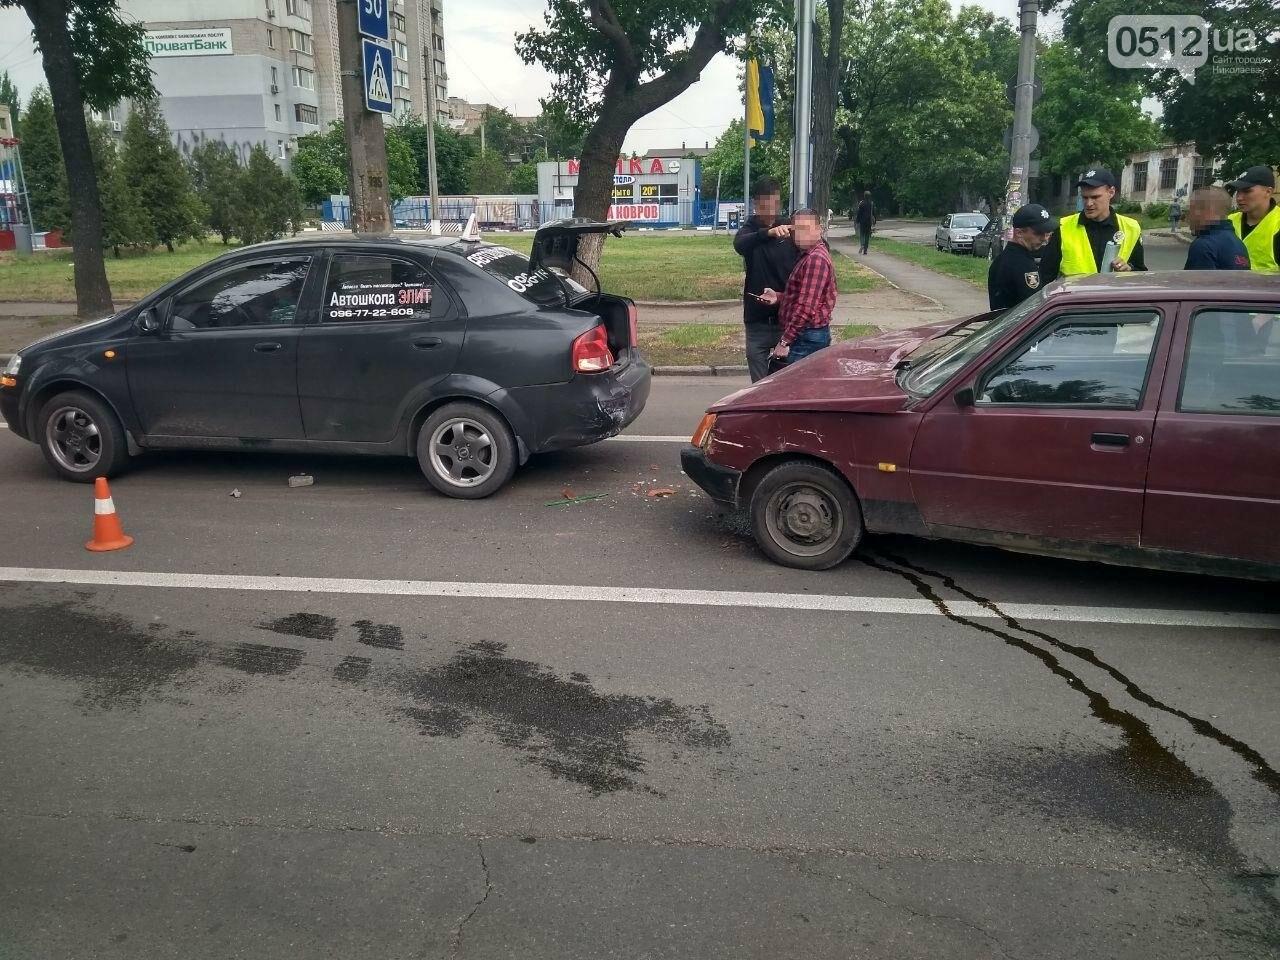 В центре Николаева произошла авария с участием автомобиля автошколы, - ФОТО, фото-5